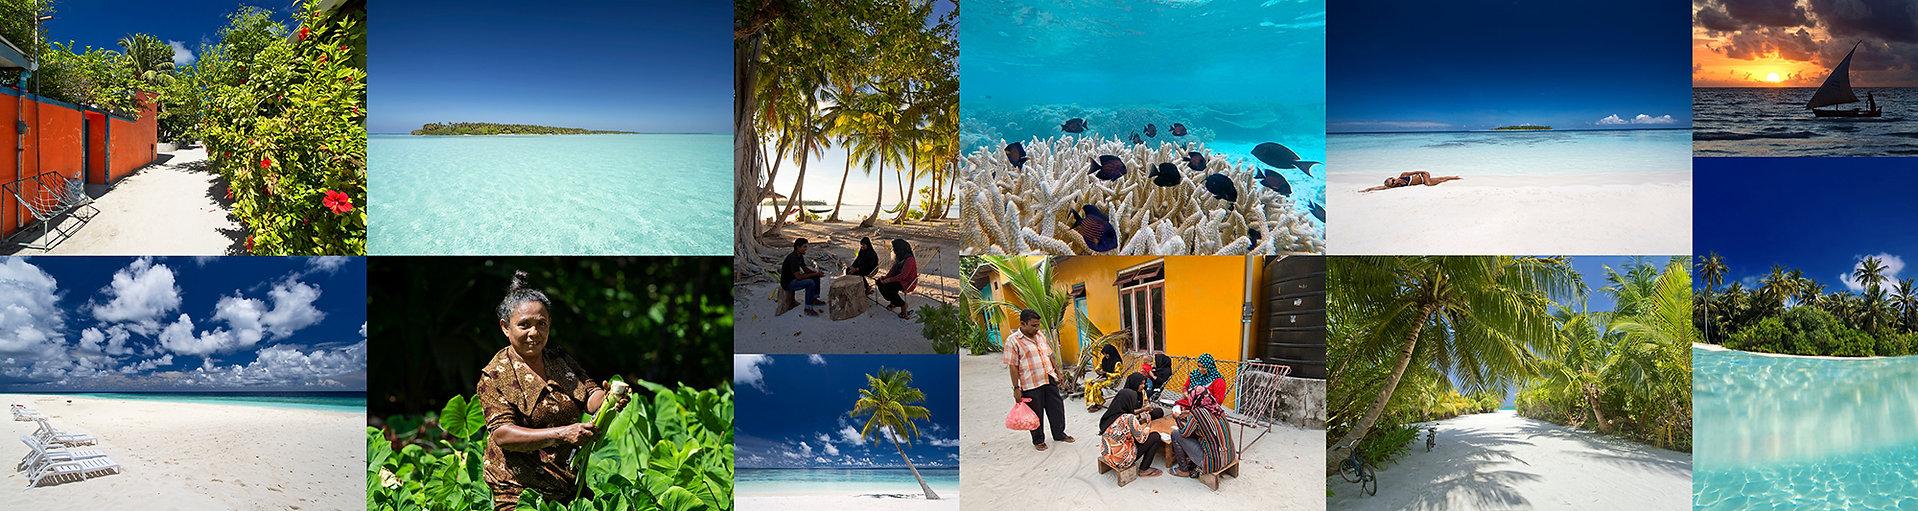 Dovolená na obydlenách lokálních ostrovech na Maledivách